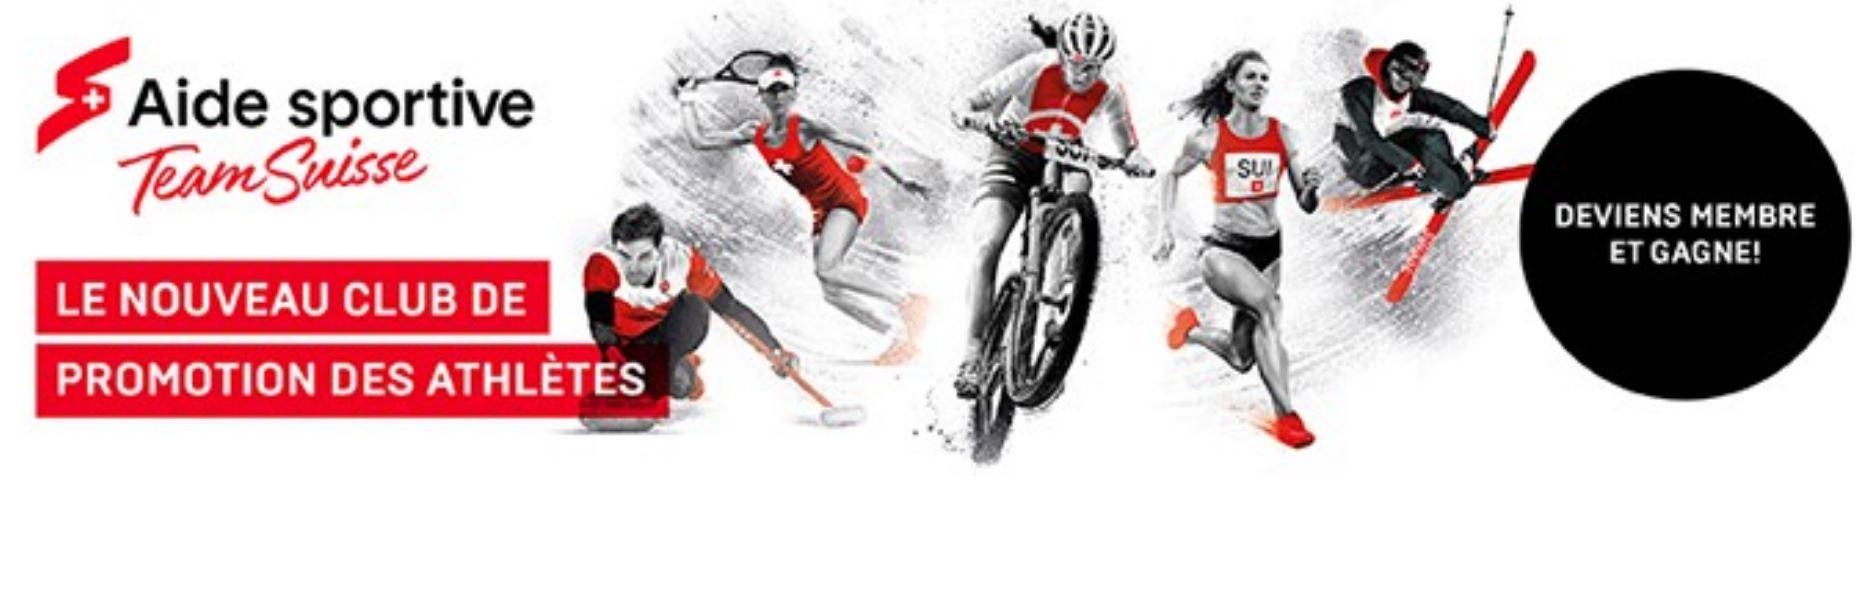 Team Suisse – Le nouveau club de promotion des athlètes / Team Suisse – der neue Athletenförderclub